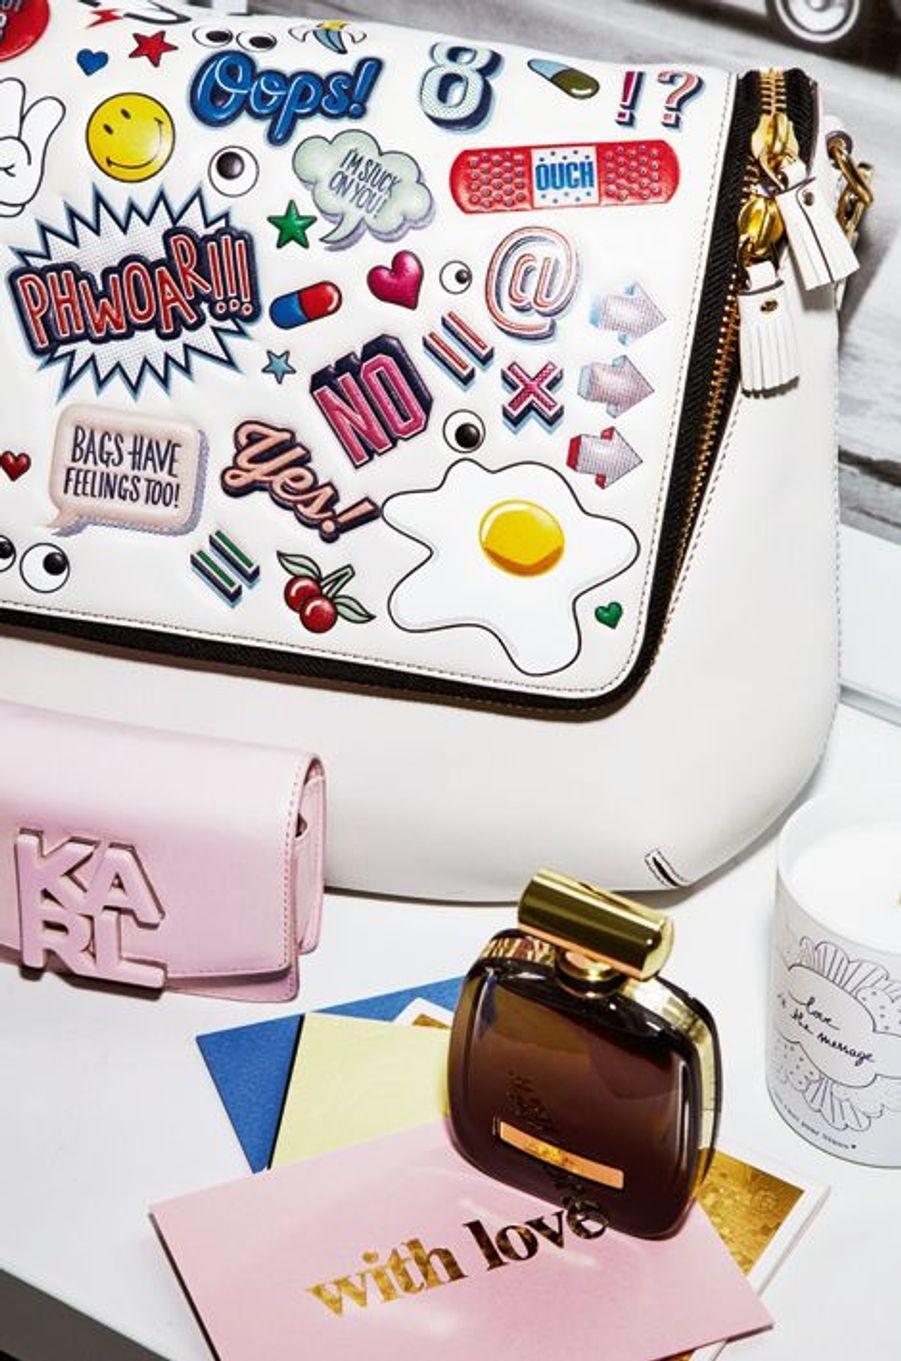 Le sac Maxi Zip, All Over Stickers d'Anya Hindmarch est un accessoire lumineux et plein d'humour avec ses shebam ! pow ! wizz ! En cuir lisse et rabat zippé, au Bon Marché, 1575 €. Une bougie L'esprit de famille, avec cette bougie parfumée au figuier et fabriquée en France. Créée par la marque Emoi Emoi, 20 €, dont 10 reversés à l'association Ninoo. Inspiré d'un clutch couture Accessoire emblématique de la Maison Nina Ricci, le flacon révèle sous sa robe mauve sombre une eau de parfum créée par Francis Kurkdjian pour Ricci. Vaporisateur 30 ml, 48 €. Set de 12 compliments cards Pour envoyer des mots gravés dans un beau papier, L'imprimerie du Marais, 39 €.